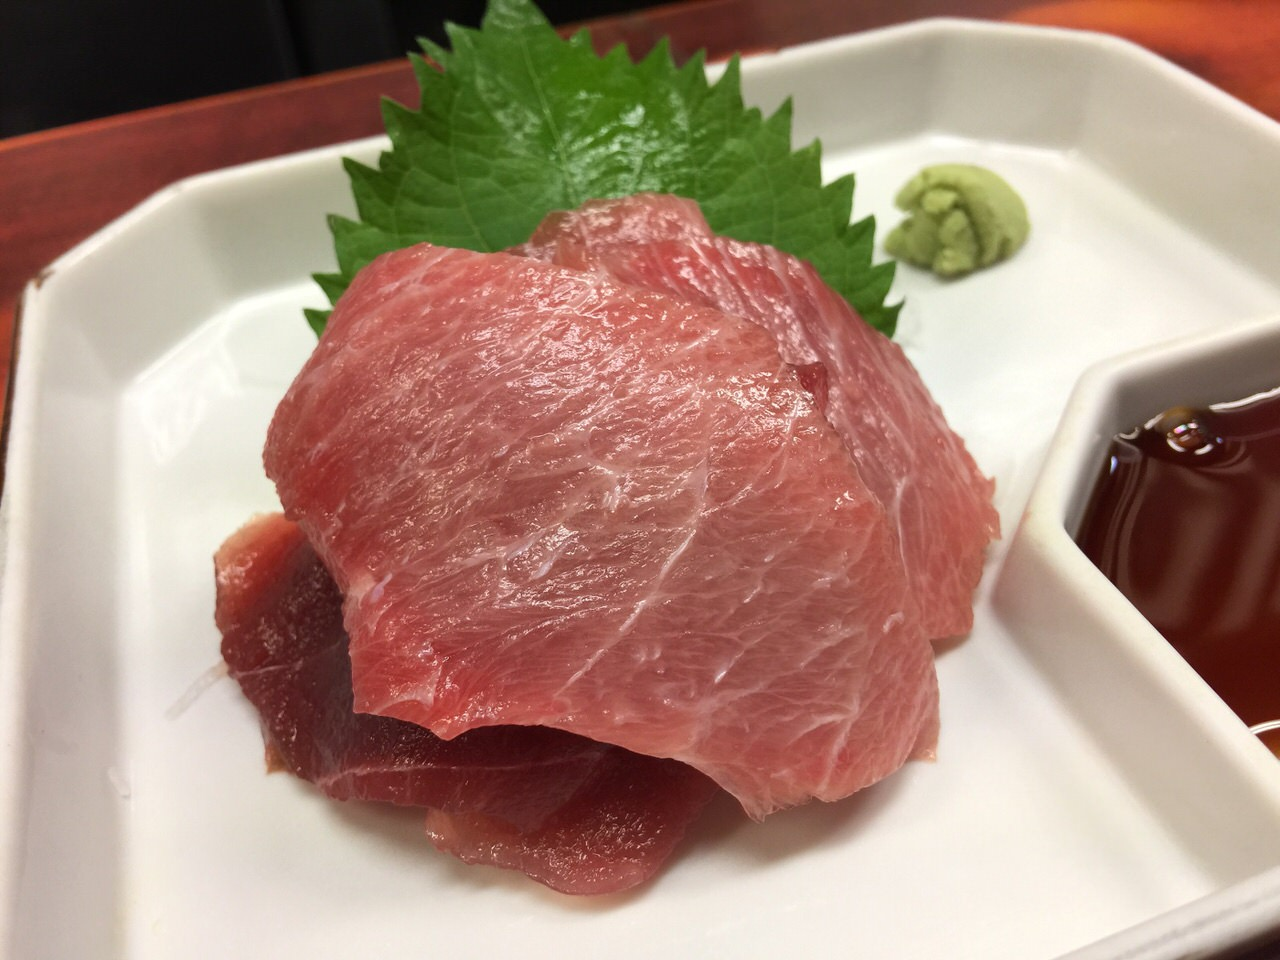 【築地で朝ごはん】「江戸川食堂」トロトロしたマグロぶつとキラキラ光るイワシ煮にはどんぶり飯だろうな